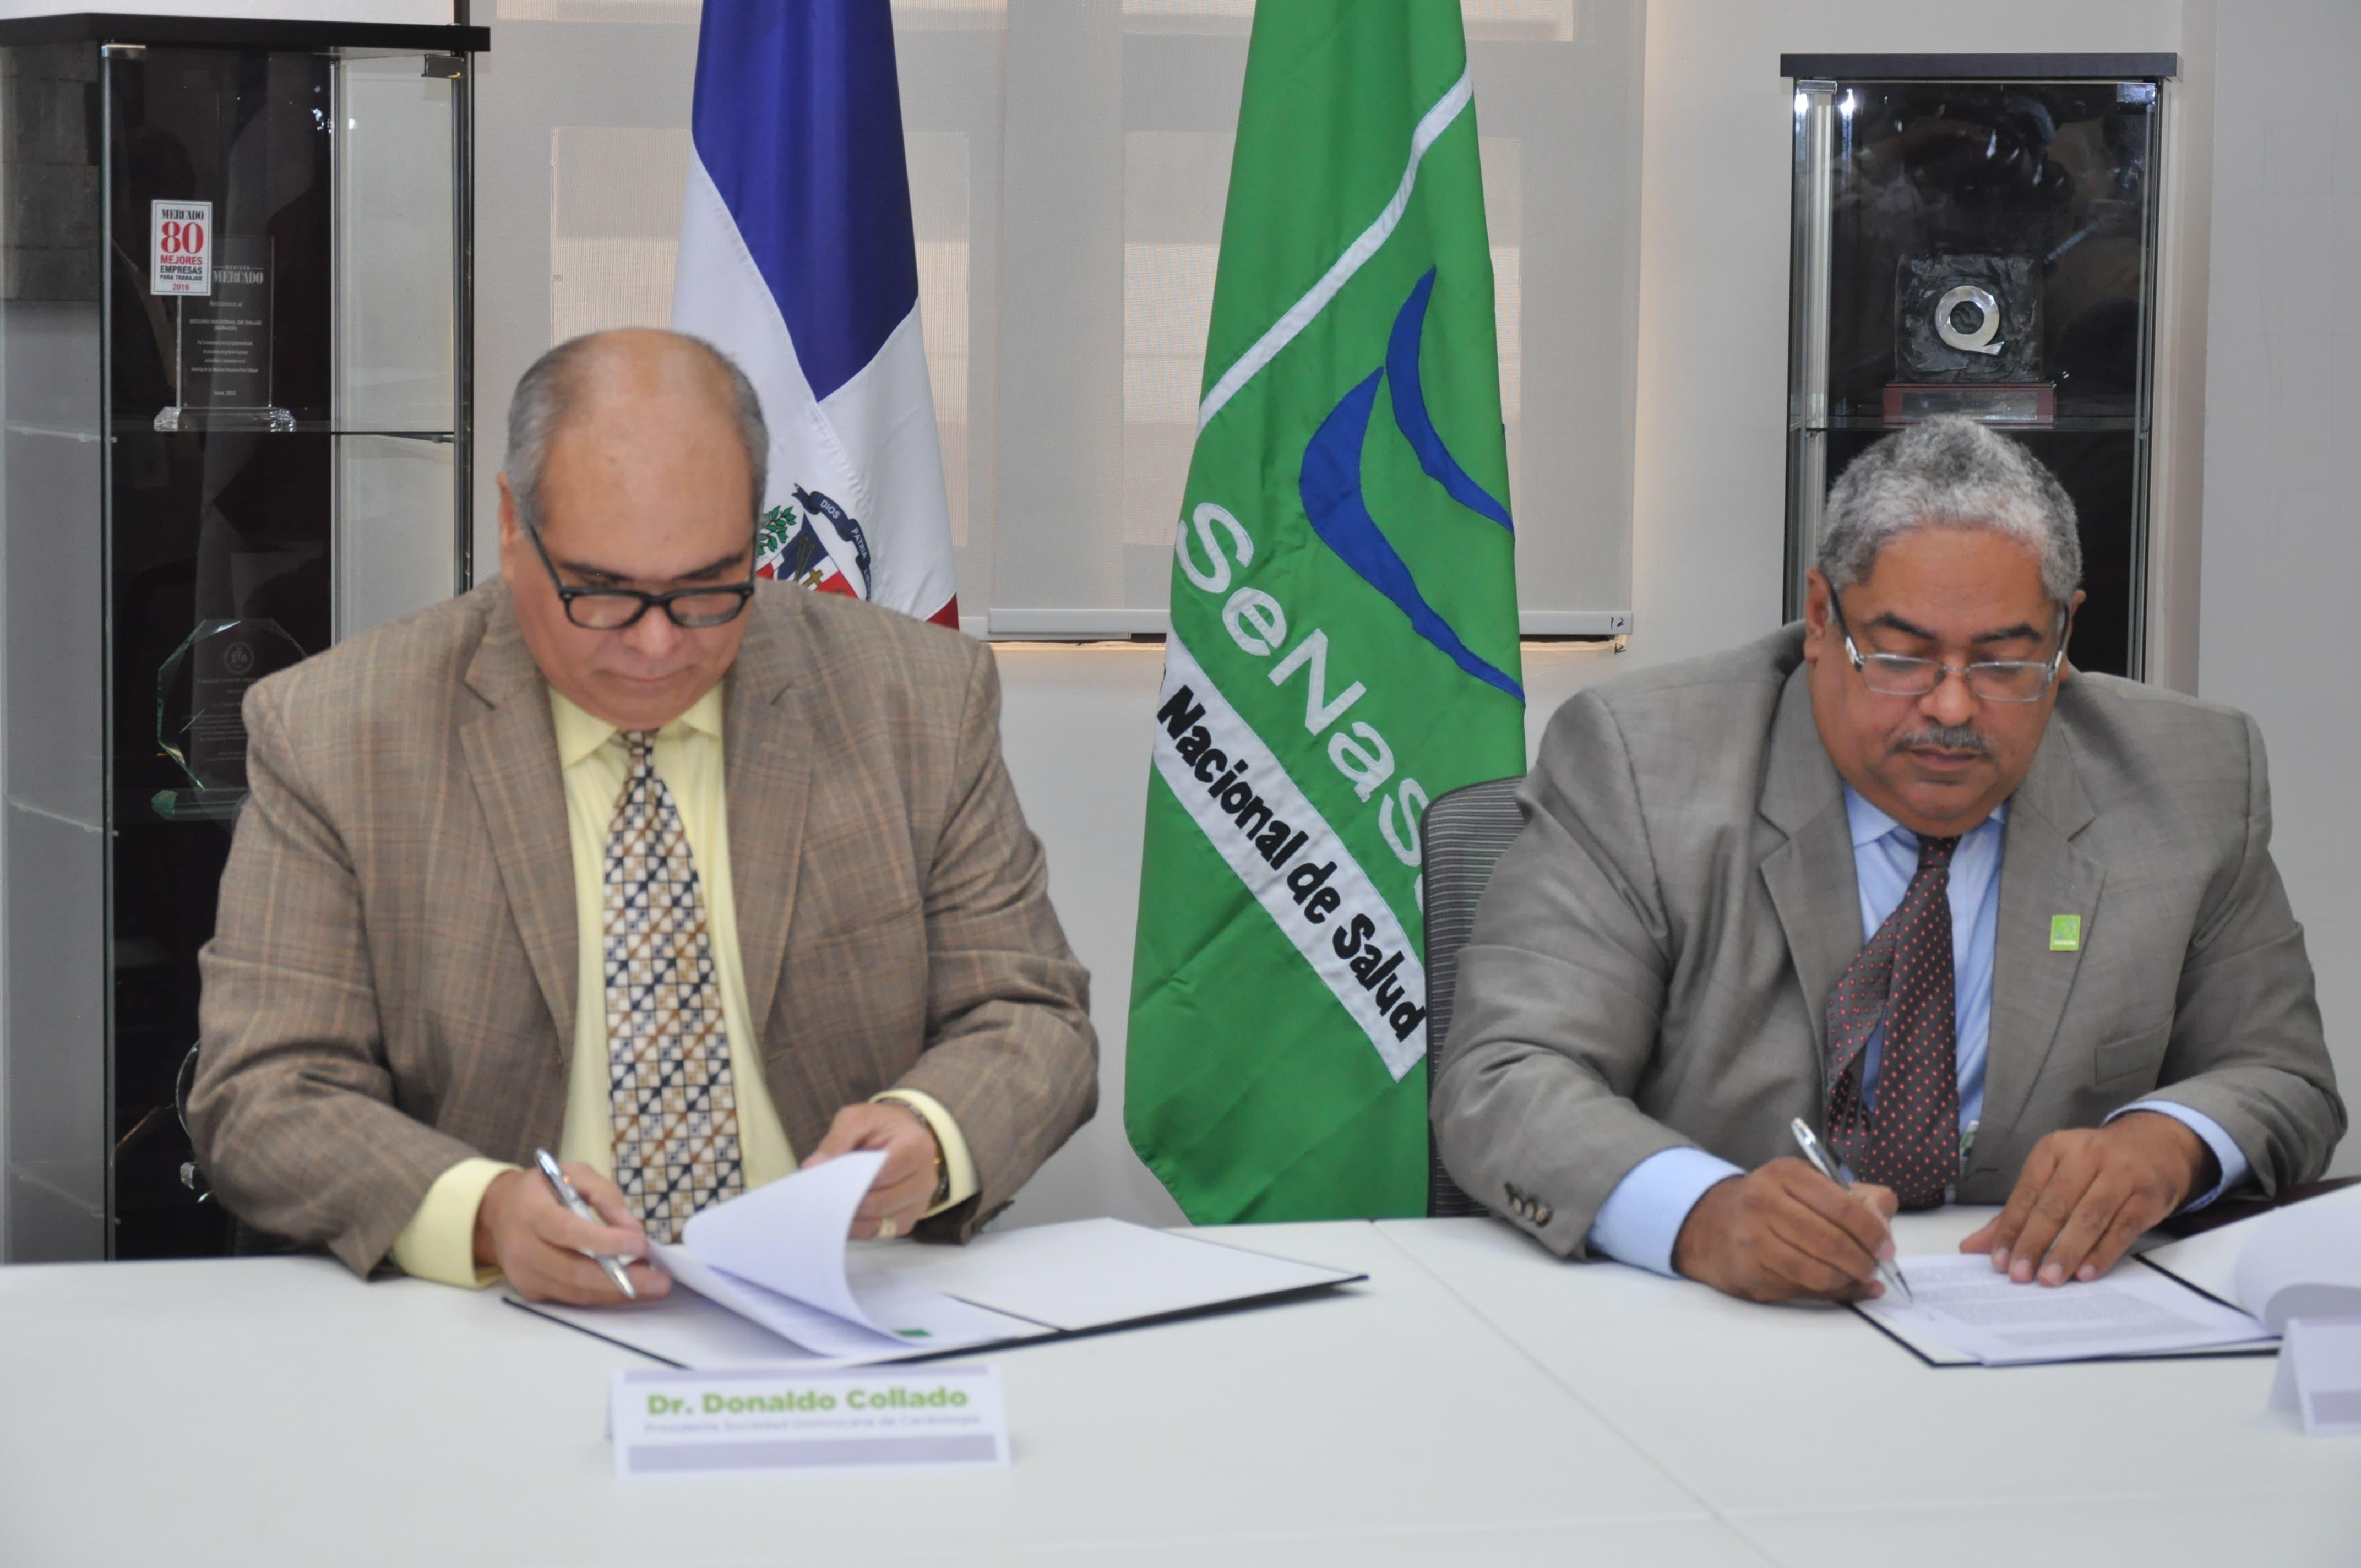 El convenio fue presentado a la prensa en la sede de SeNaSa, por los señores firmantes Chanel Rosa Chupany, director ejecutivo de SeNaSa, y Donaldo Collado Damirón, presidente de SODOCARDIO.